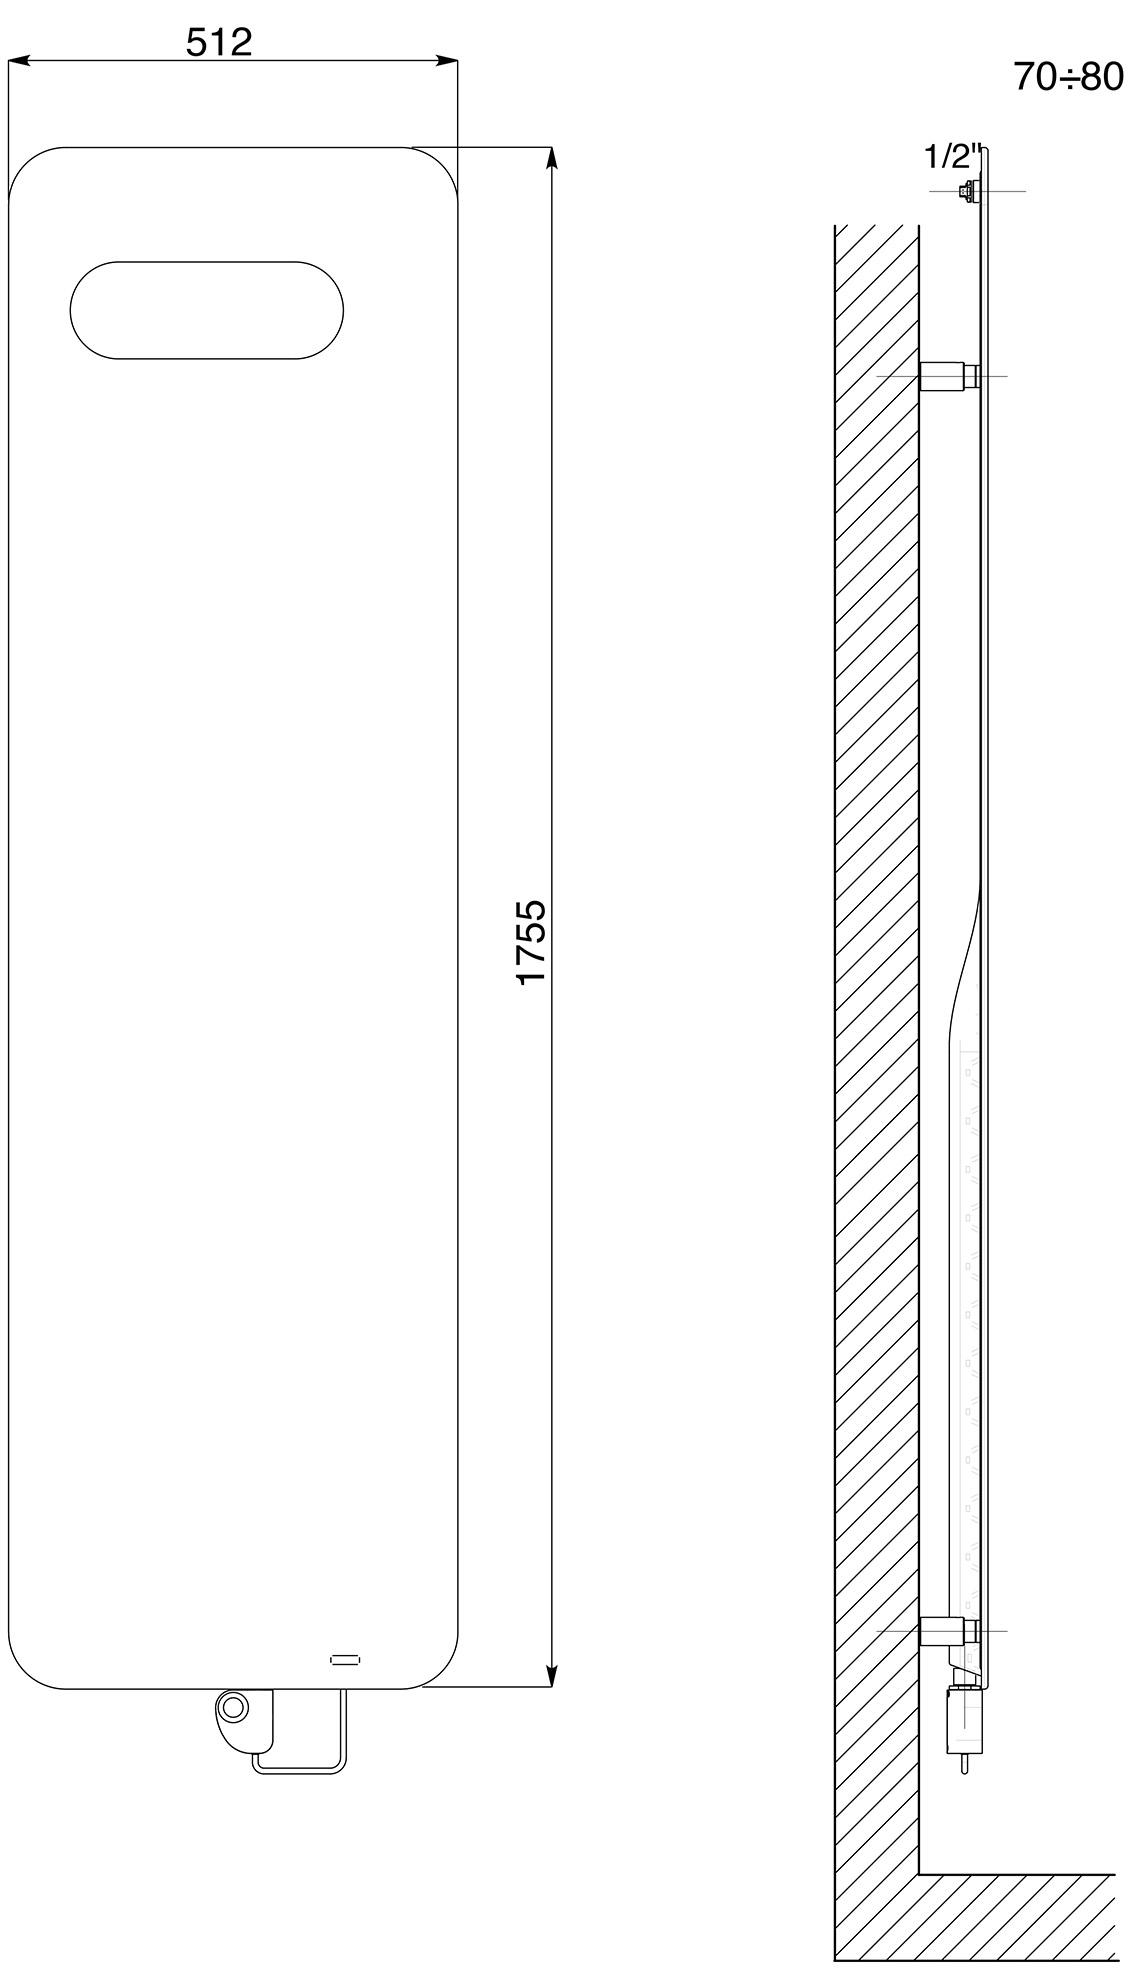 CAT_RDT_DESIGN_INGLESE_(OLANDESE)_2012_2013.indd